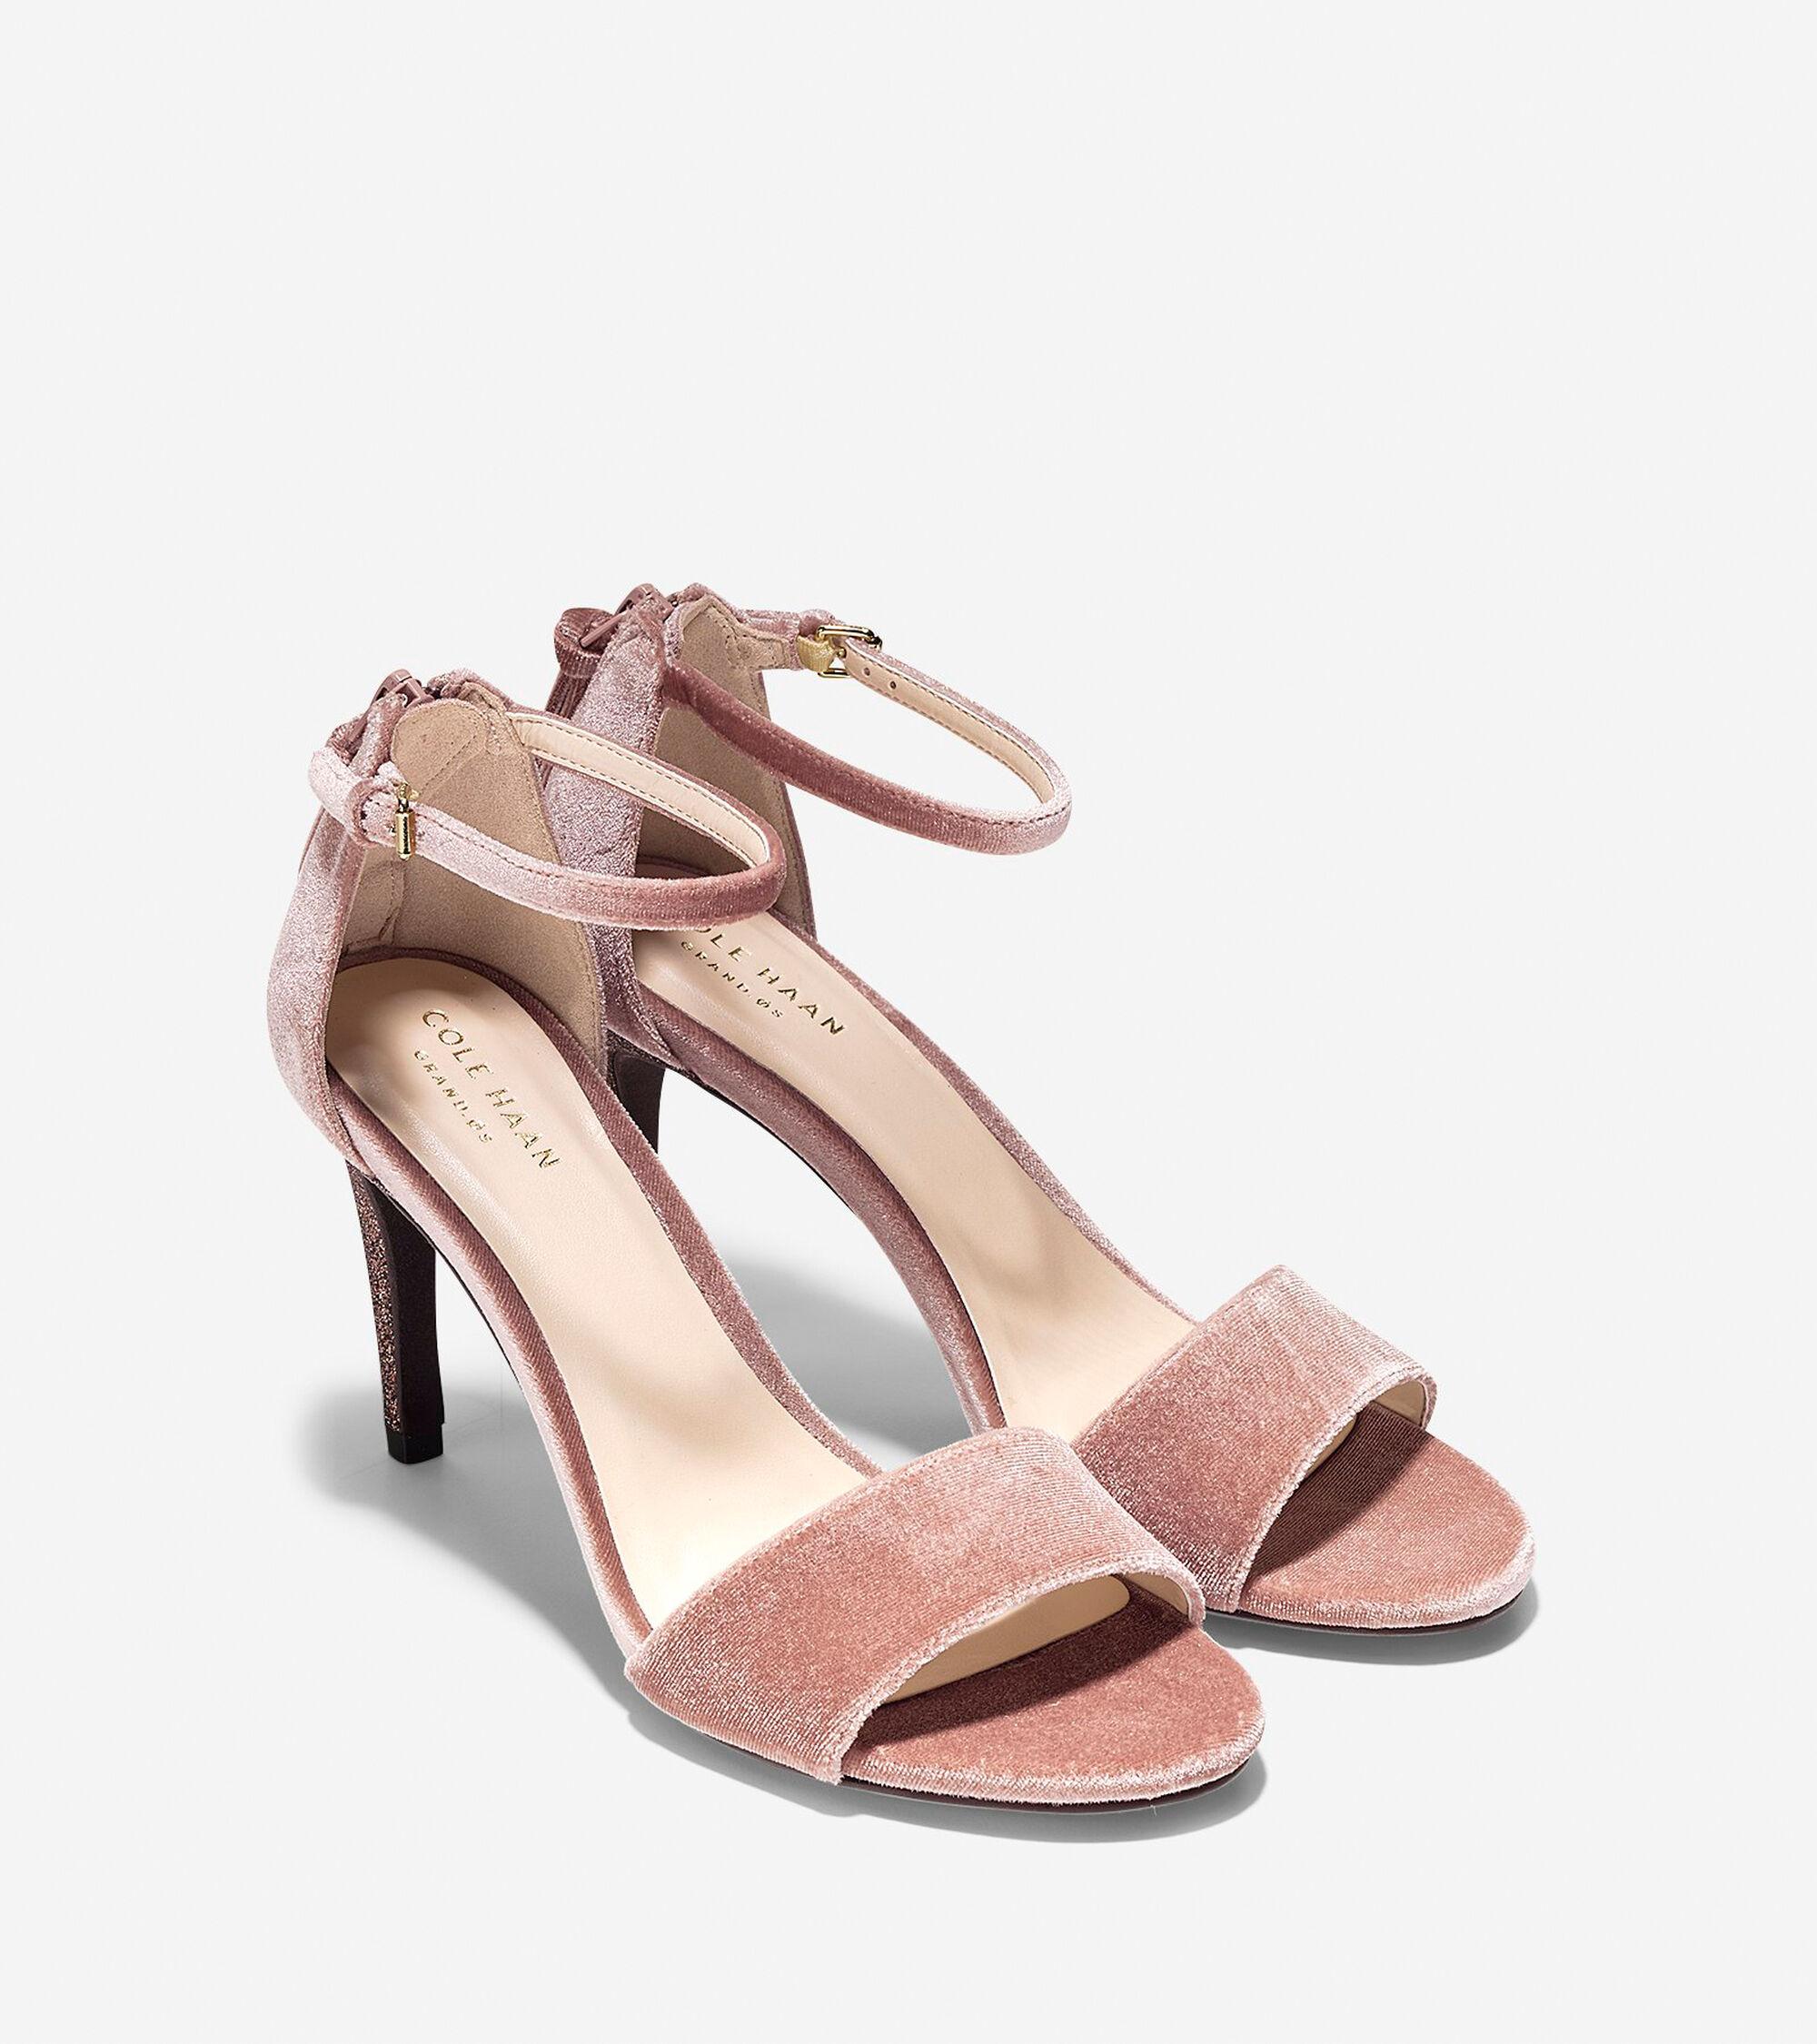 60c84a8ca095 ... Clara Grand Sandal (85mm)  Clara Grand Sandal (85mm).  COLEHAAN